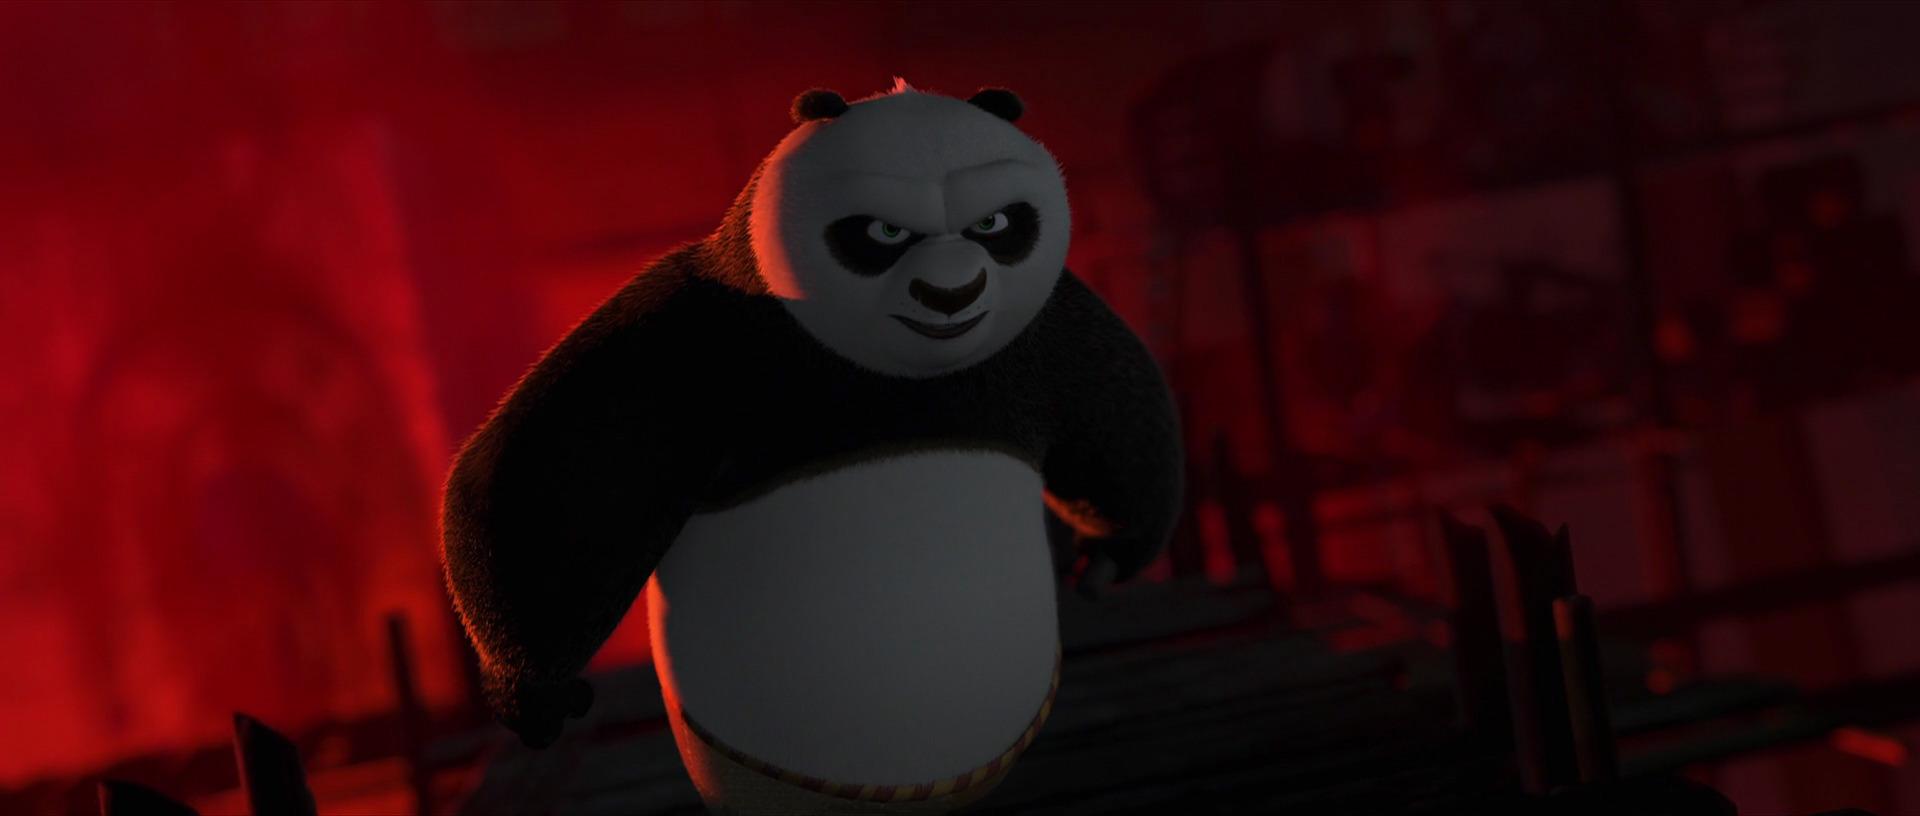 Фу серия ночной незноком конг панда